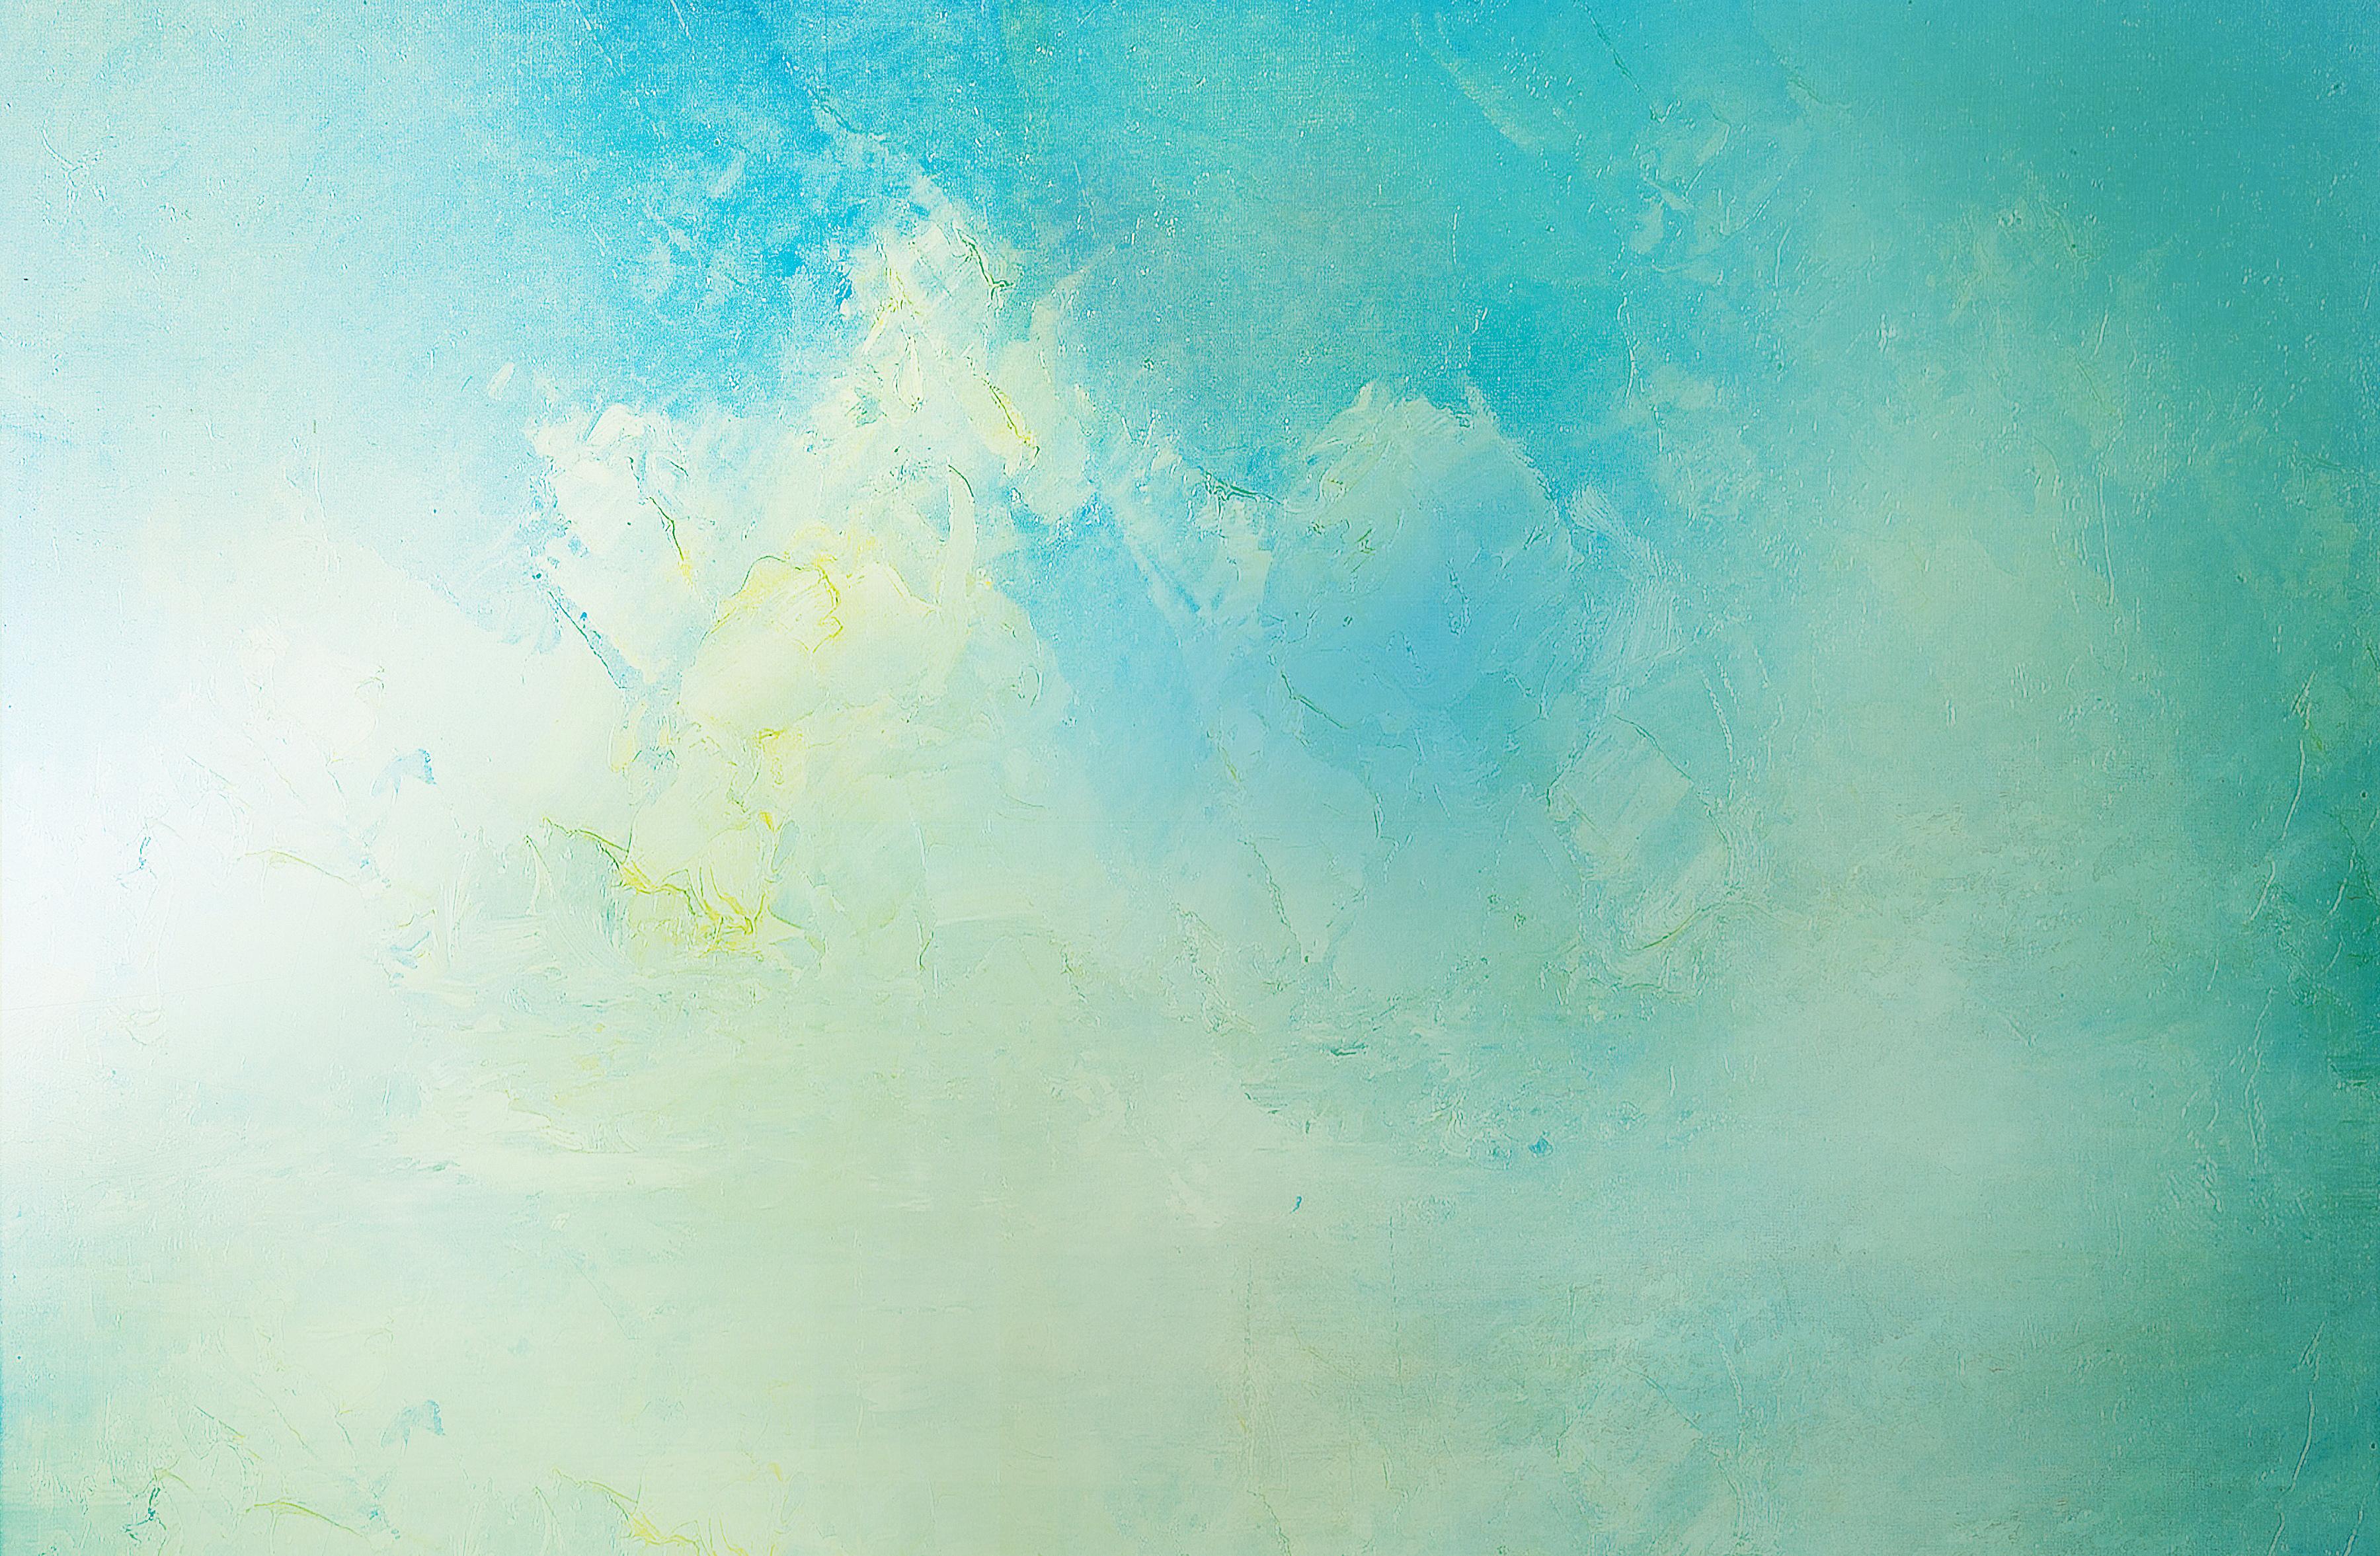 Текстуры светлые картинки